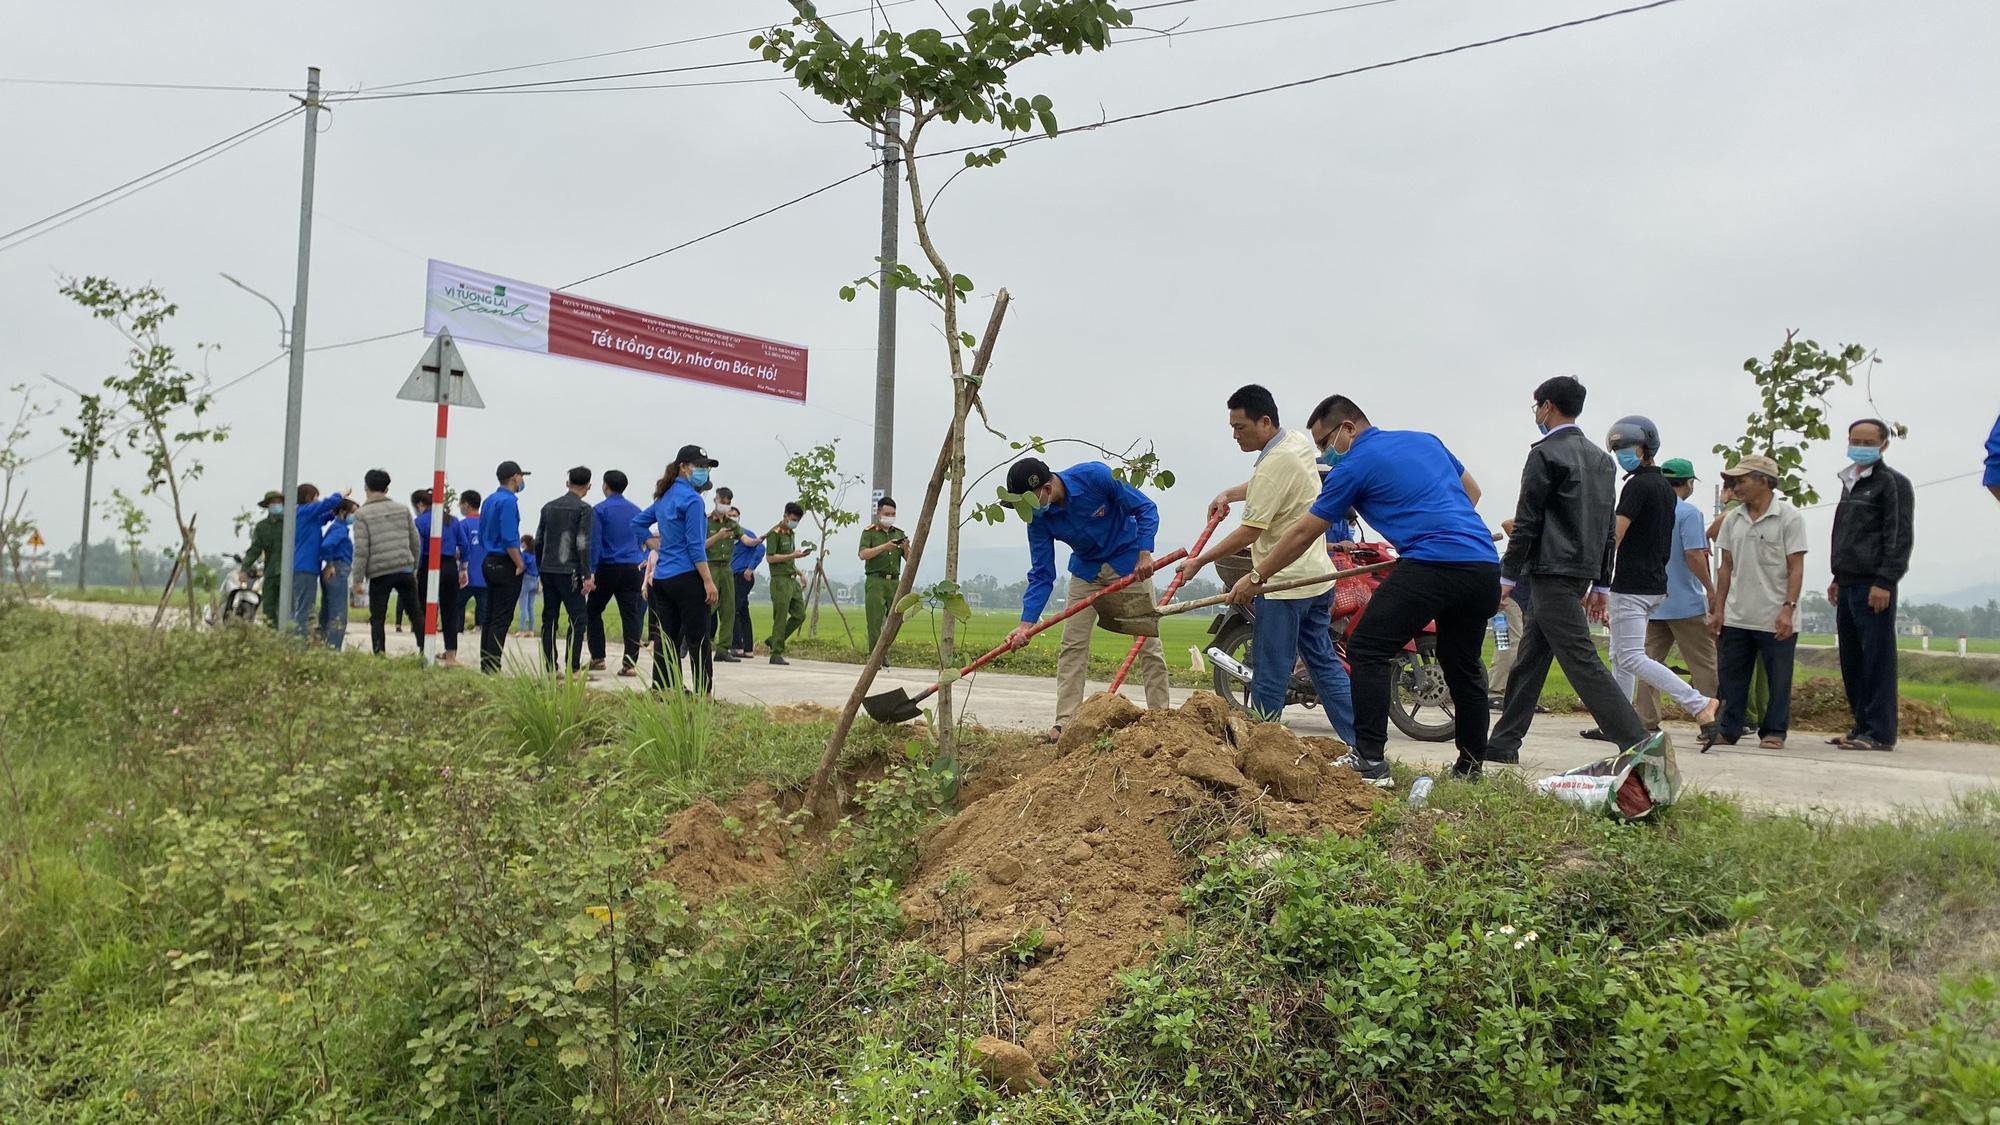 """Agribank miền Trung hưởng ứng phong trào """"Tết trồng cây đời đời nhớ ơn Bác Hồ"""" năm 2021 - Ảnh 7."""